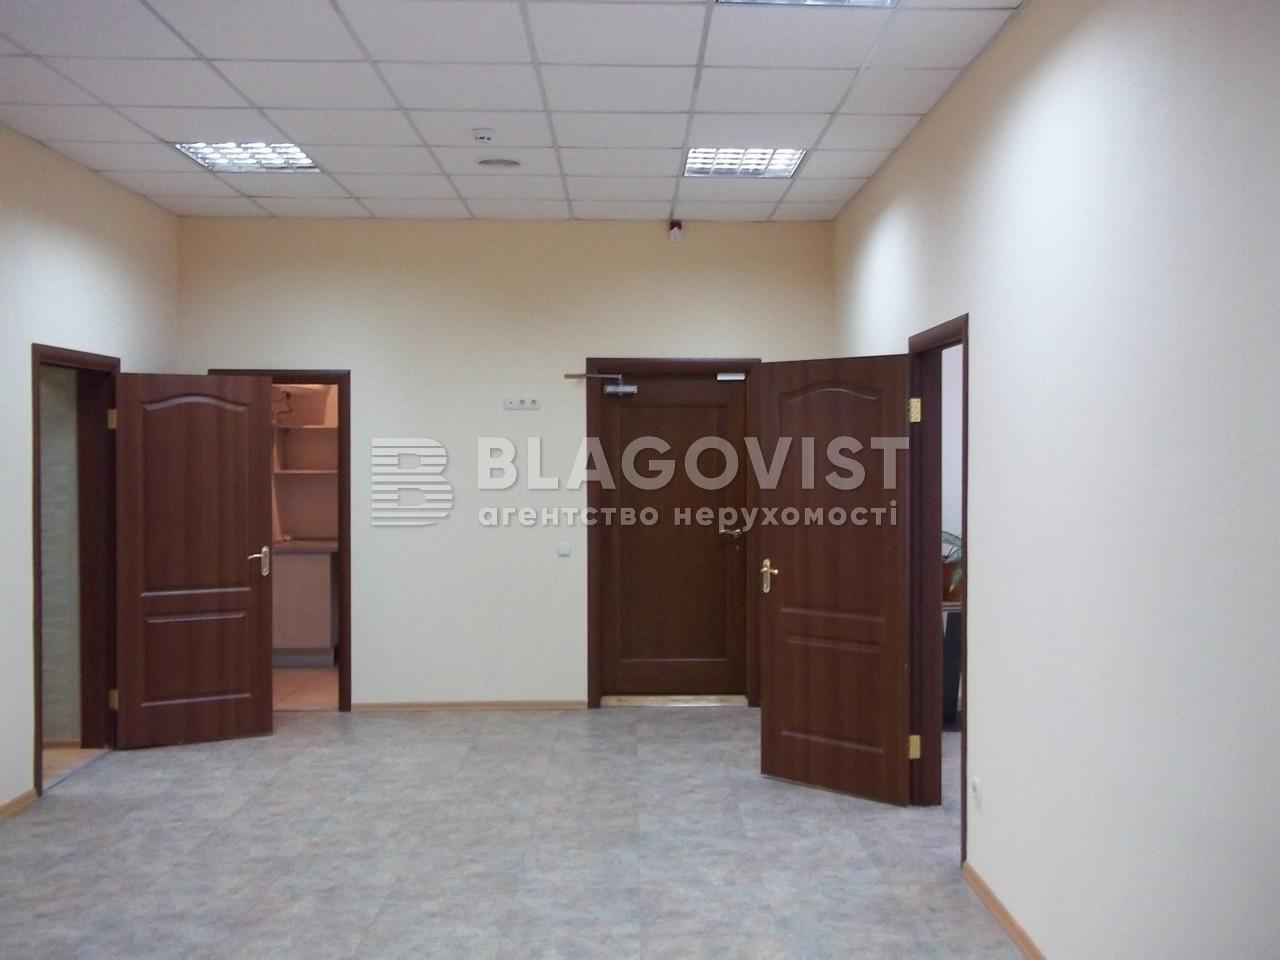 Нежилое помещение, H-43841, Тютюнника Василия (Барбюса Анри), Киев - Фото 12